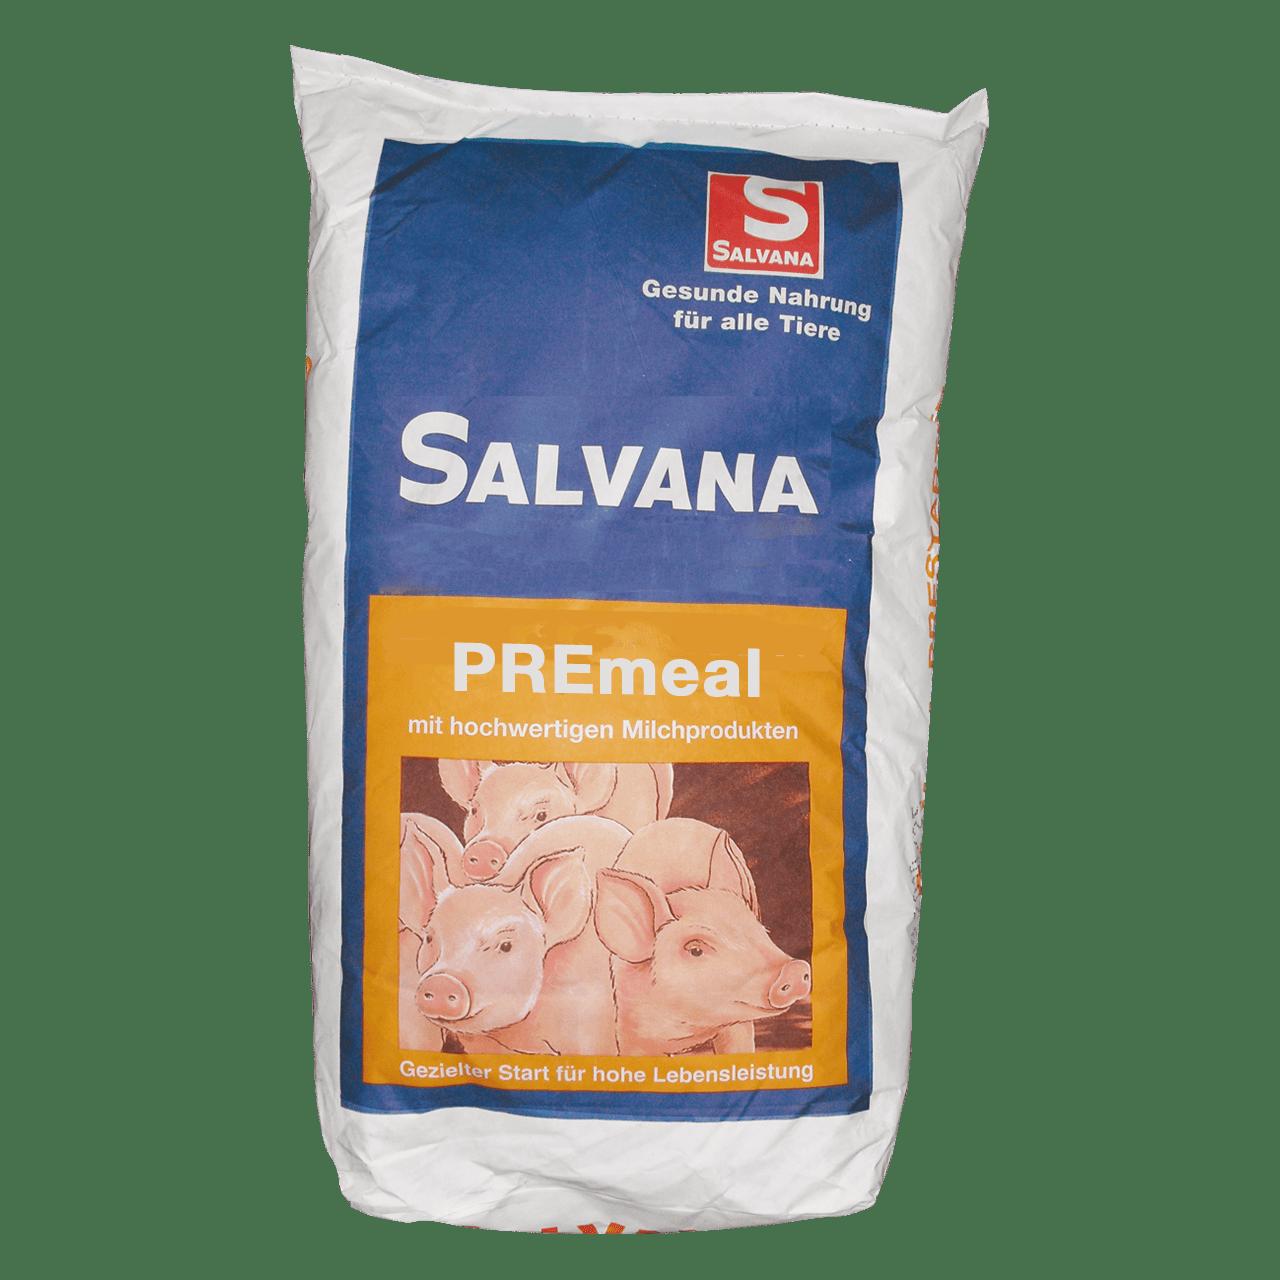 SALVANA PREmeal